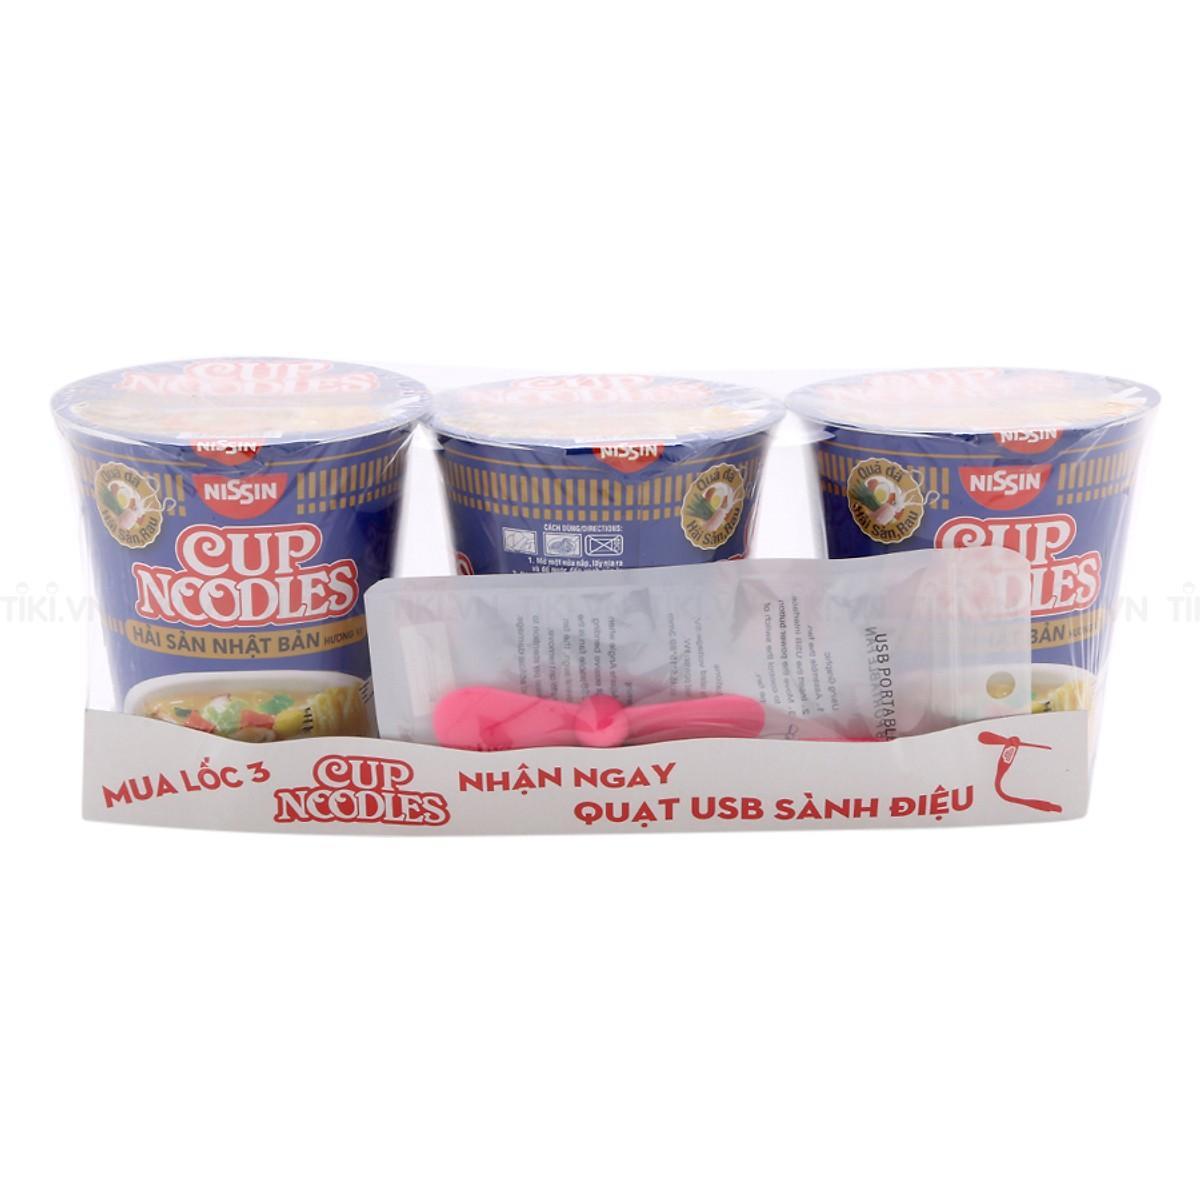 Bộ 3 Ly Mì Cup Noodles Hương Vị Hải Sản Nhật Bản (67gr) - Tặng Quạt USB